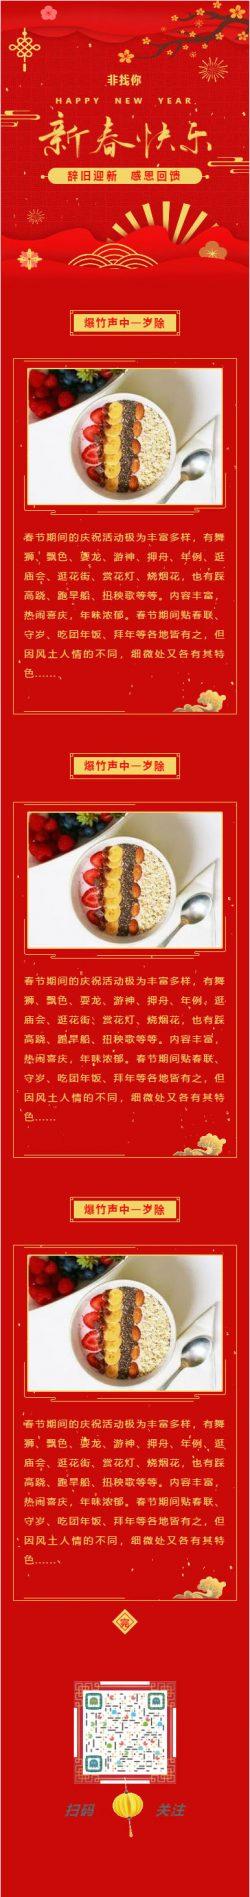 春节辞旧迎新红色新年中国年微信模板动态背景图推文素材推送文章